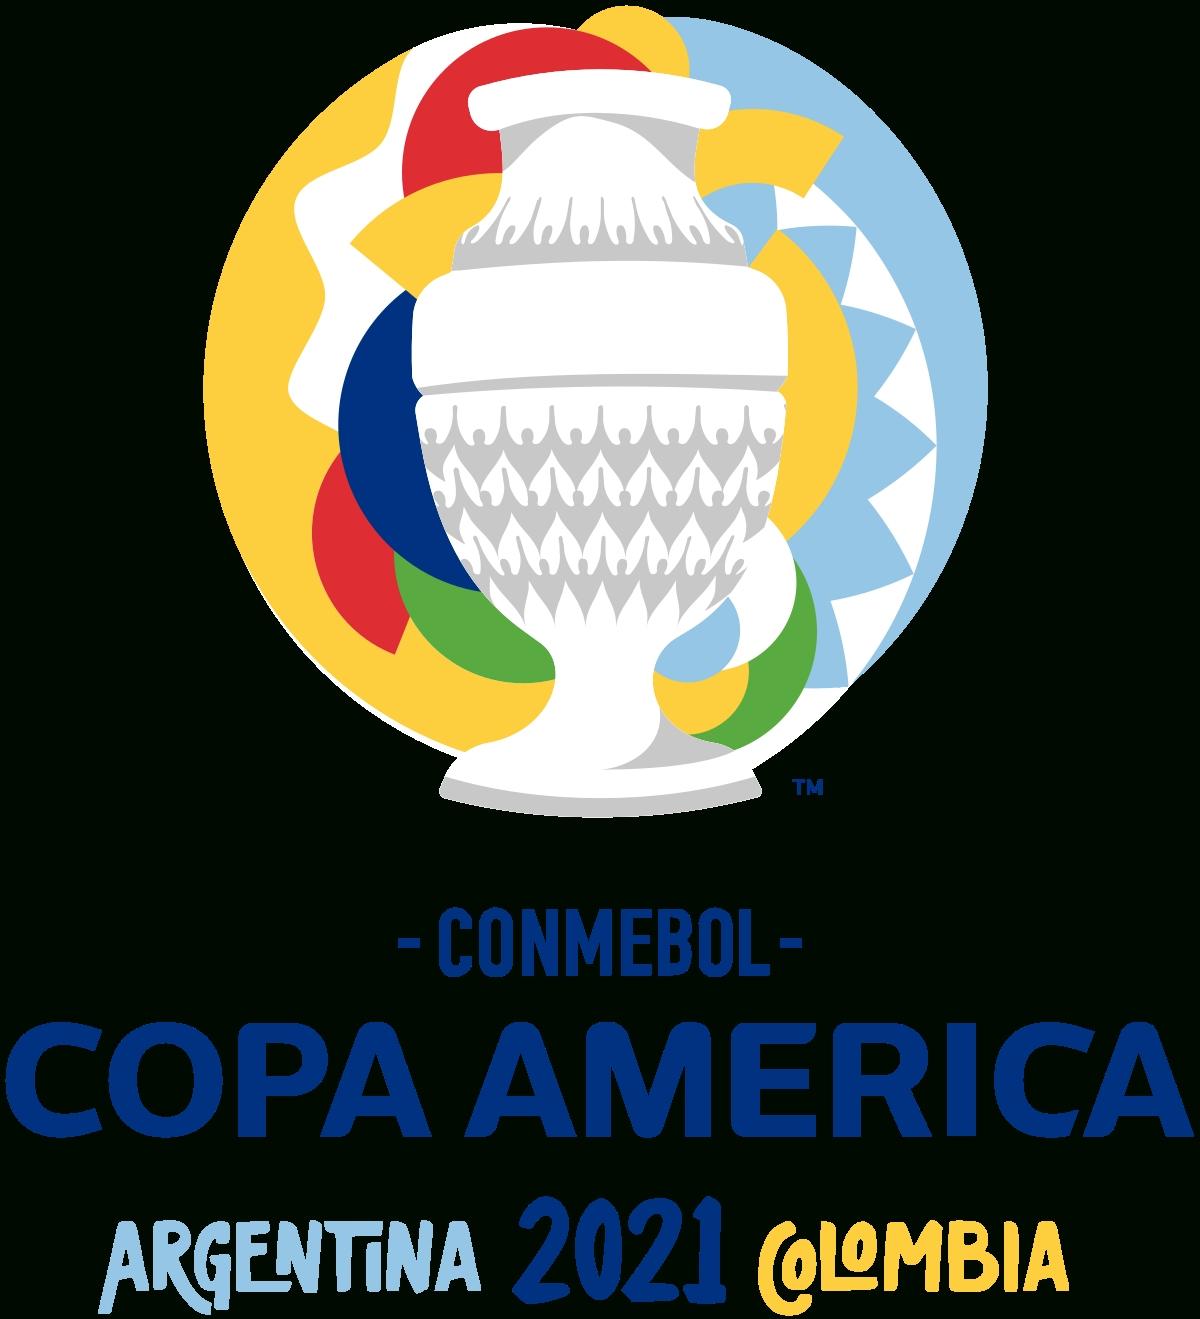 2021 Copa América - Wikipedia